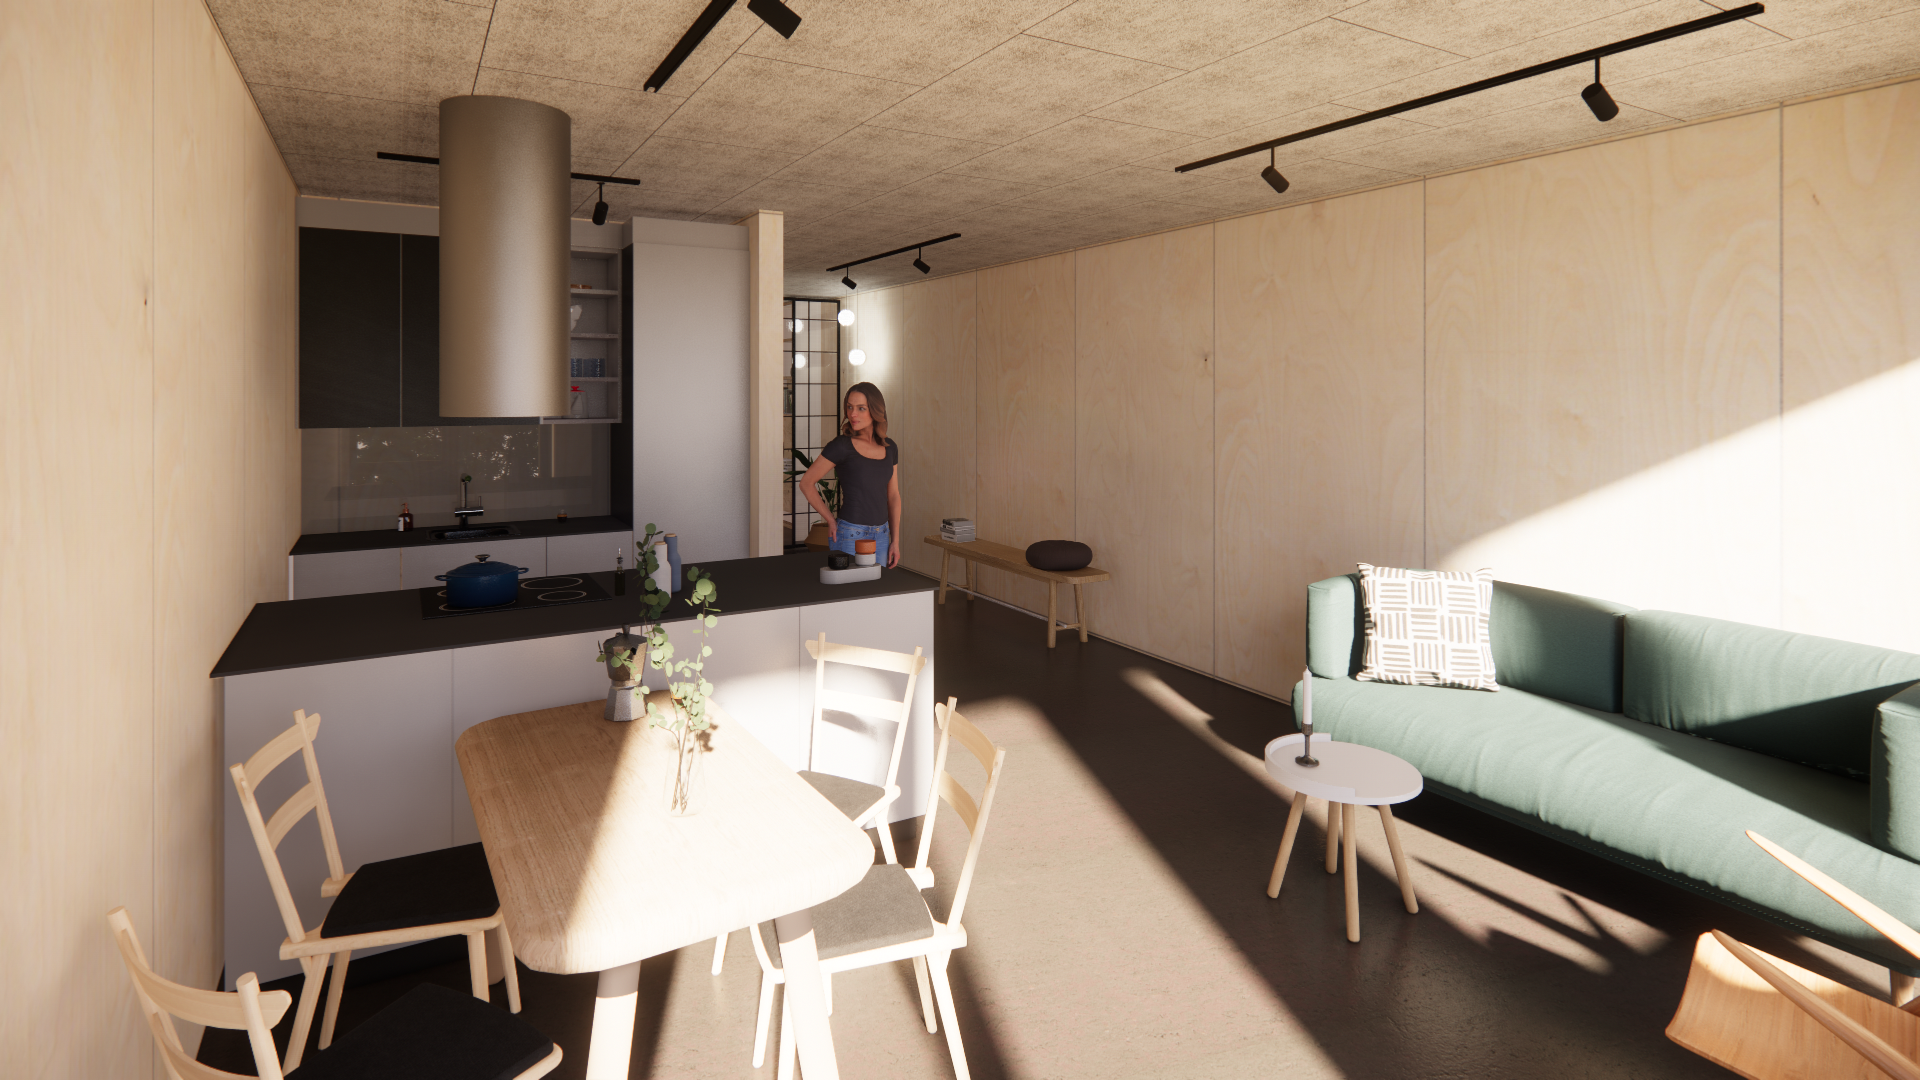 Visualisering køkken 60 m2 lejlighed Musicon | Container Living